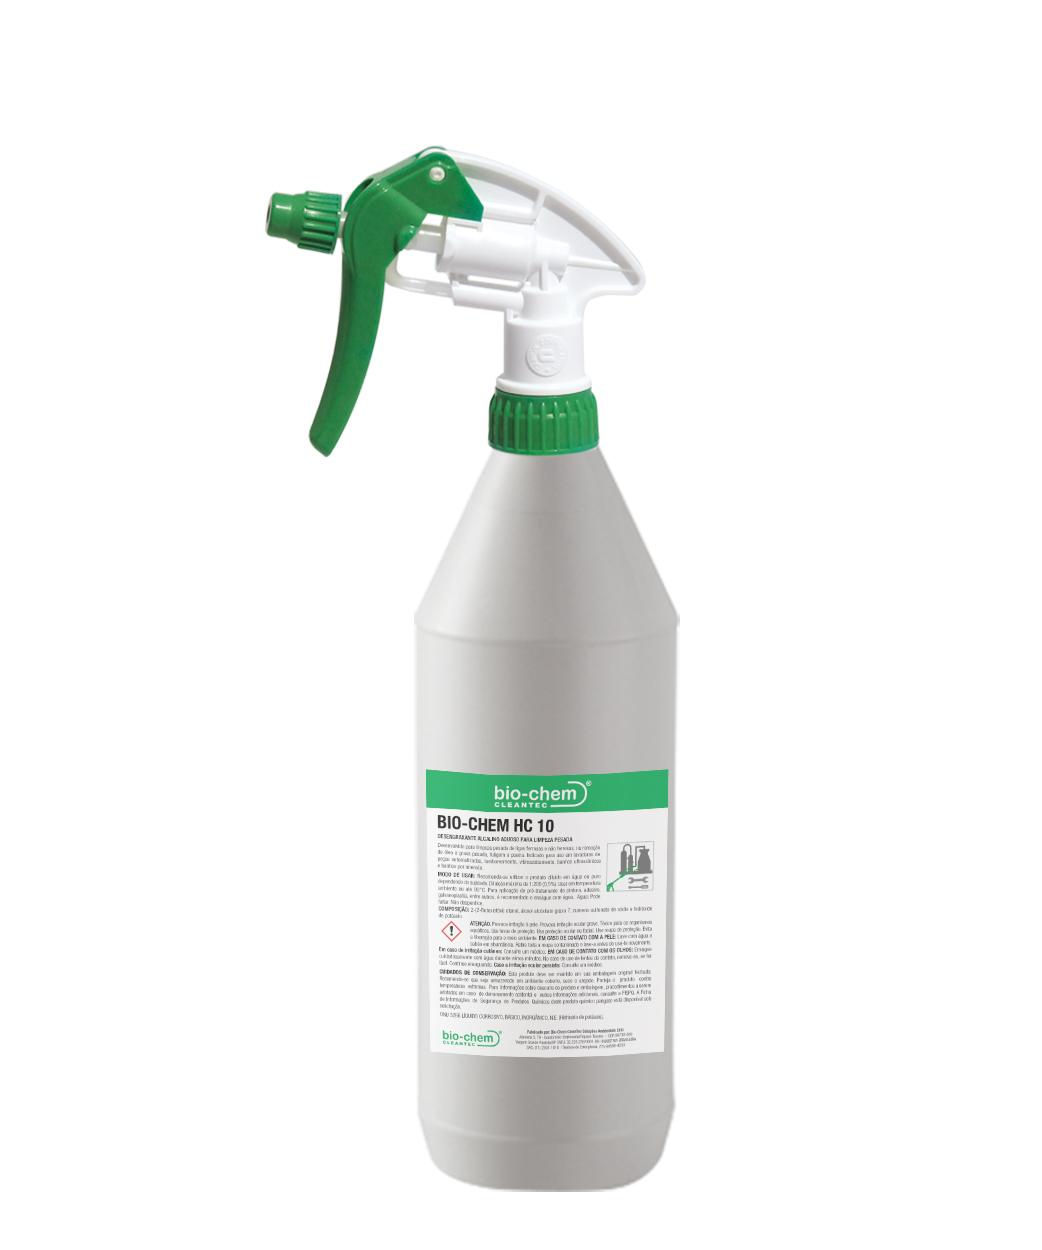 pode ser utilizado em várias aplicações de limpeza